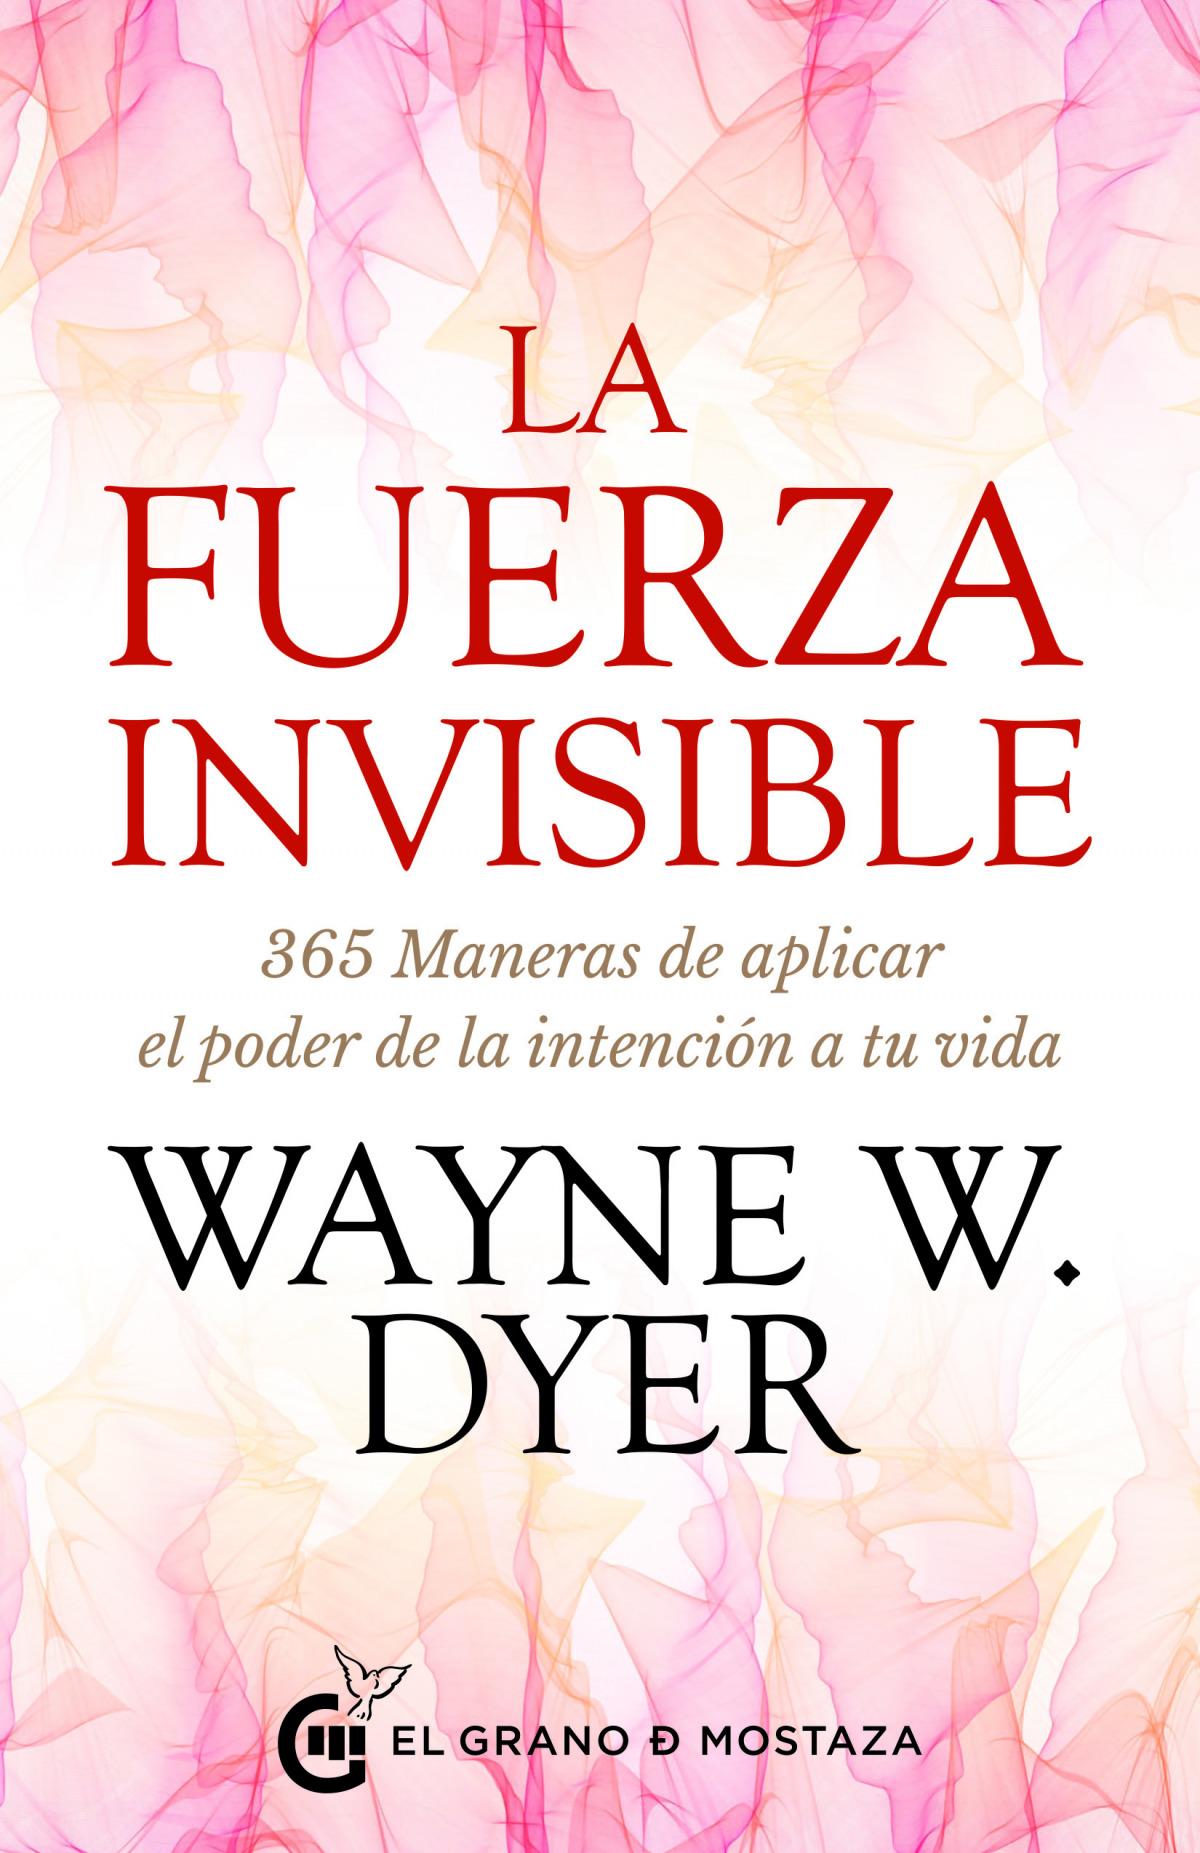 La Fuerza Invisible